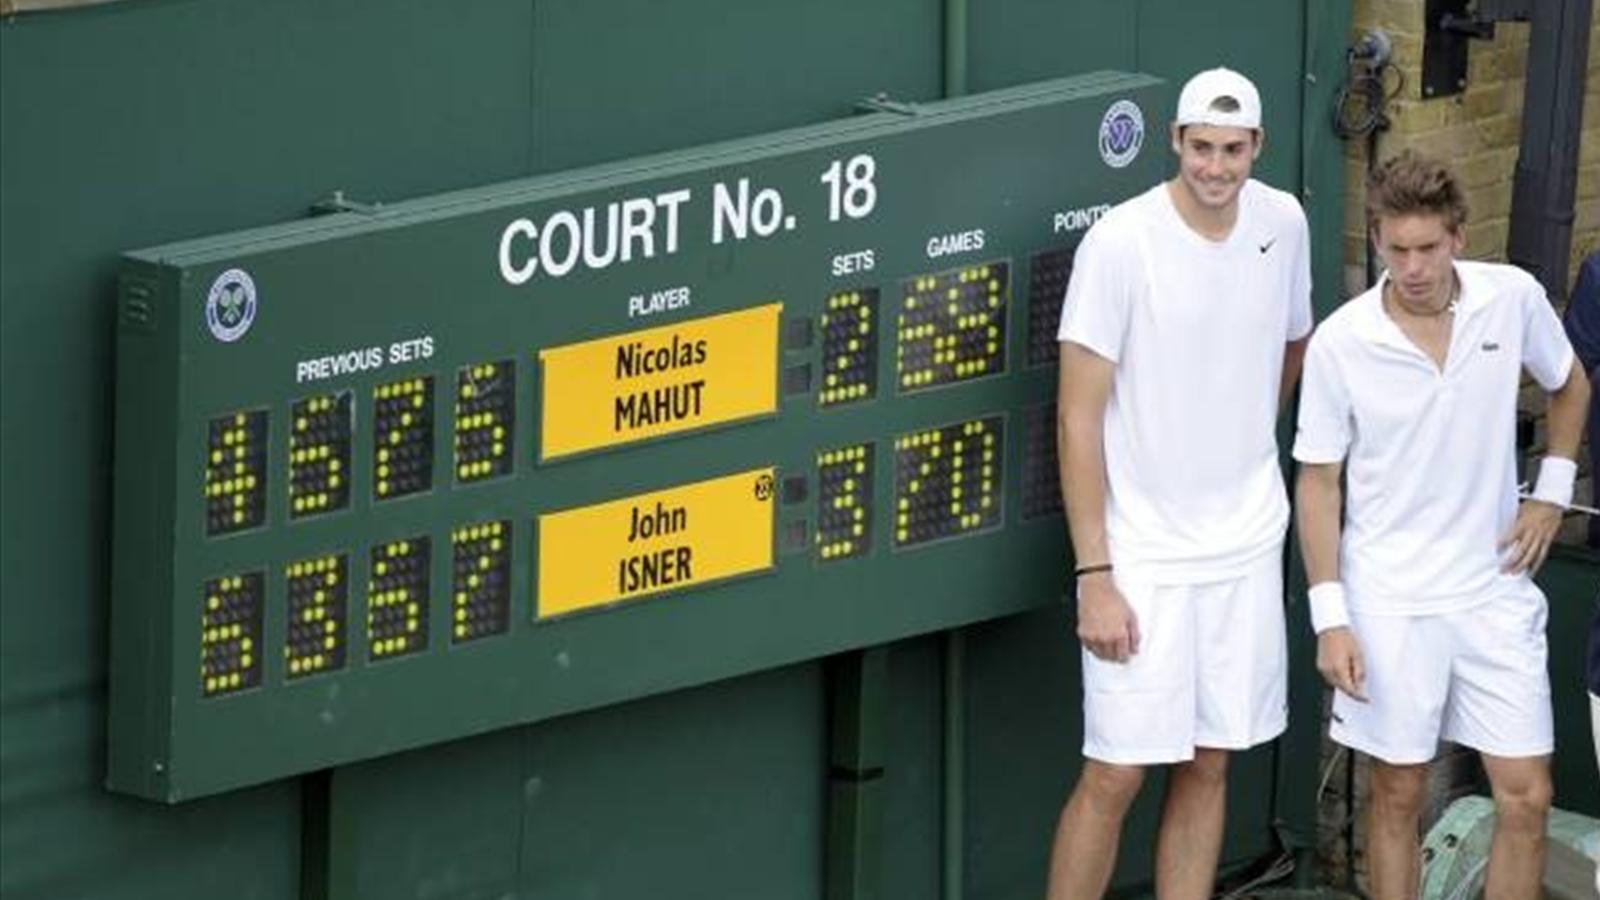 Как Изнер и Маю переписывали рекорды. 24 июня в истории тенниса ...